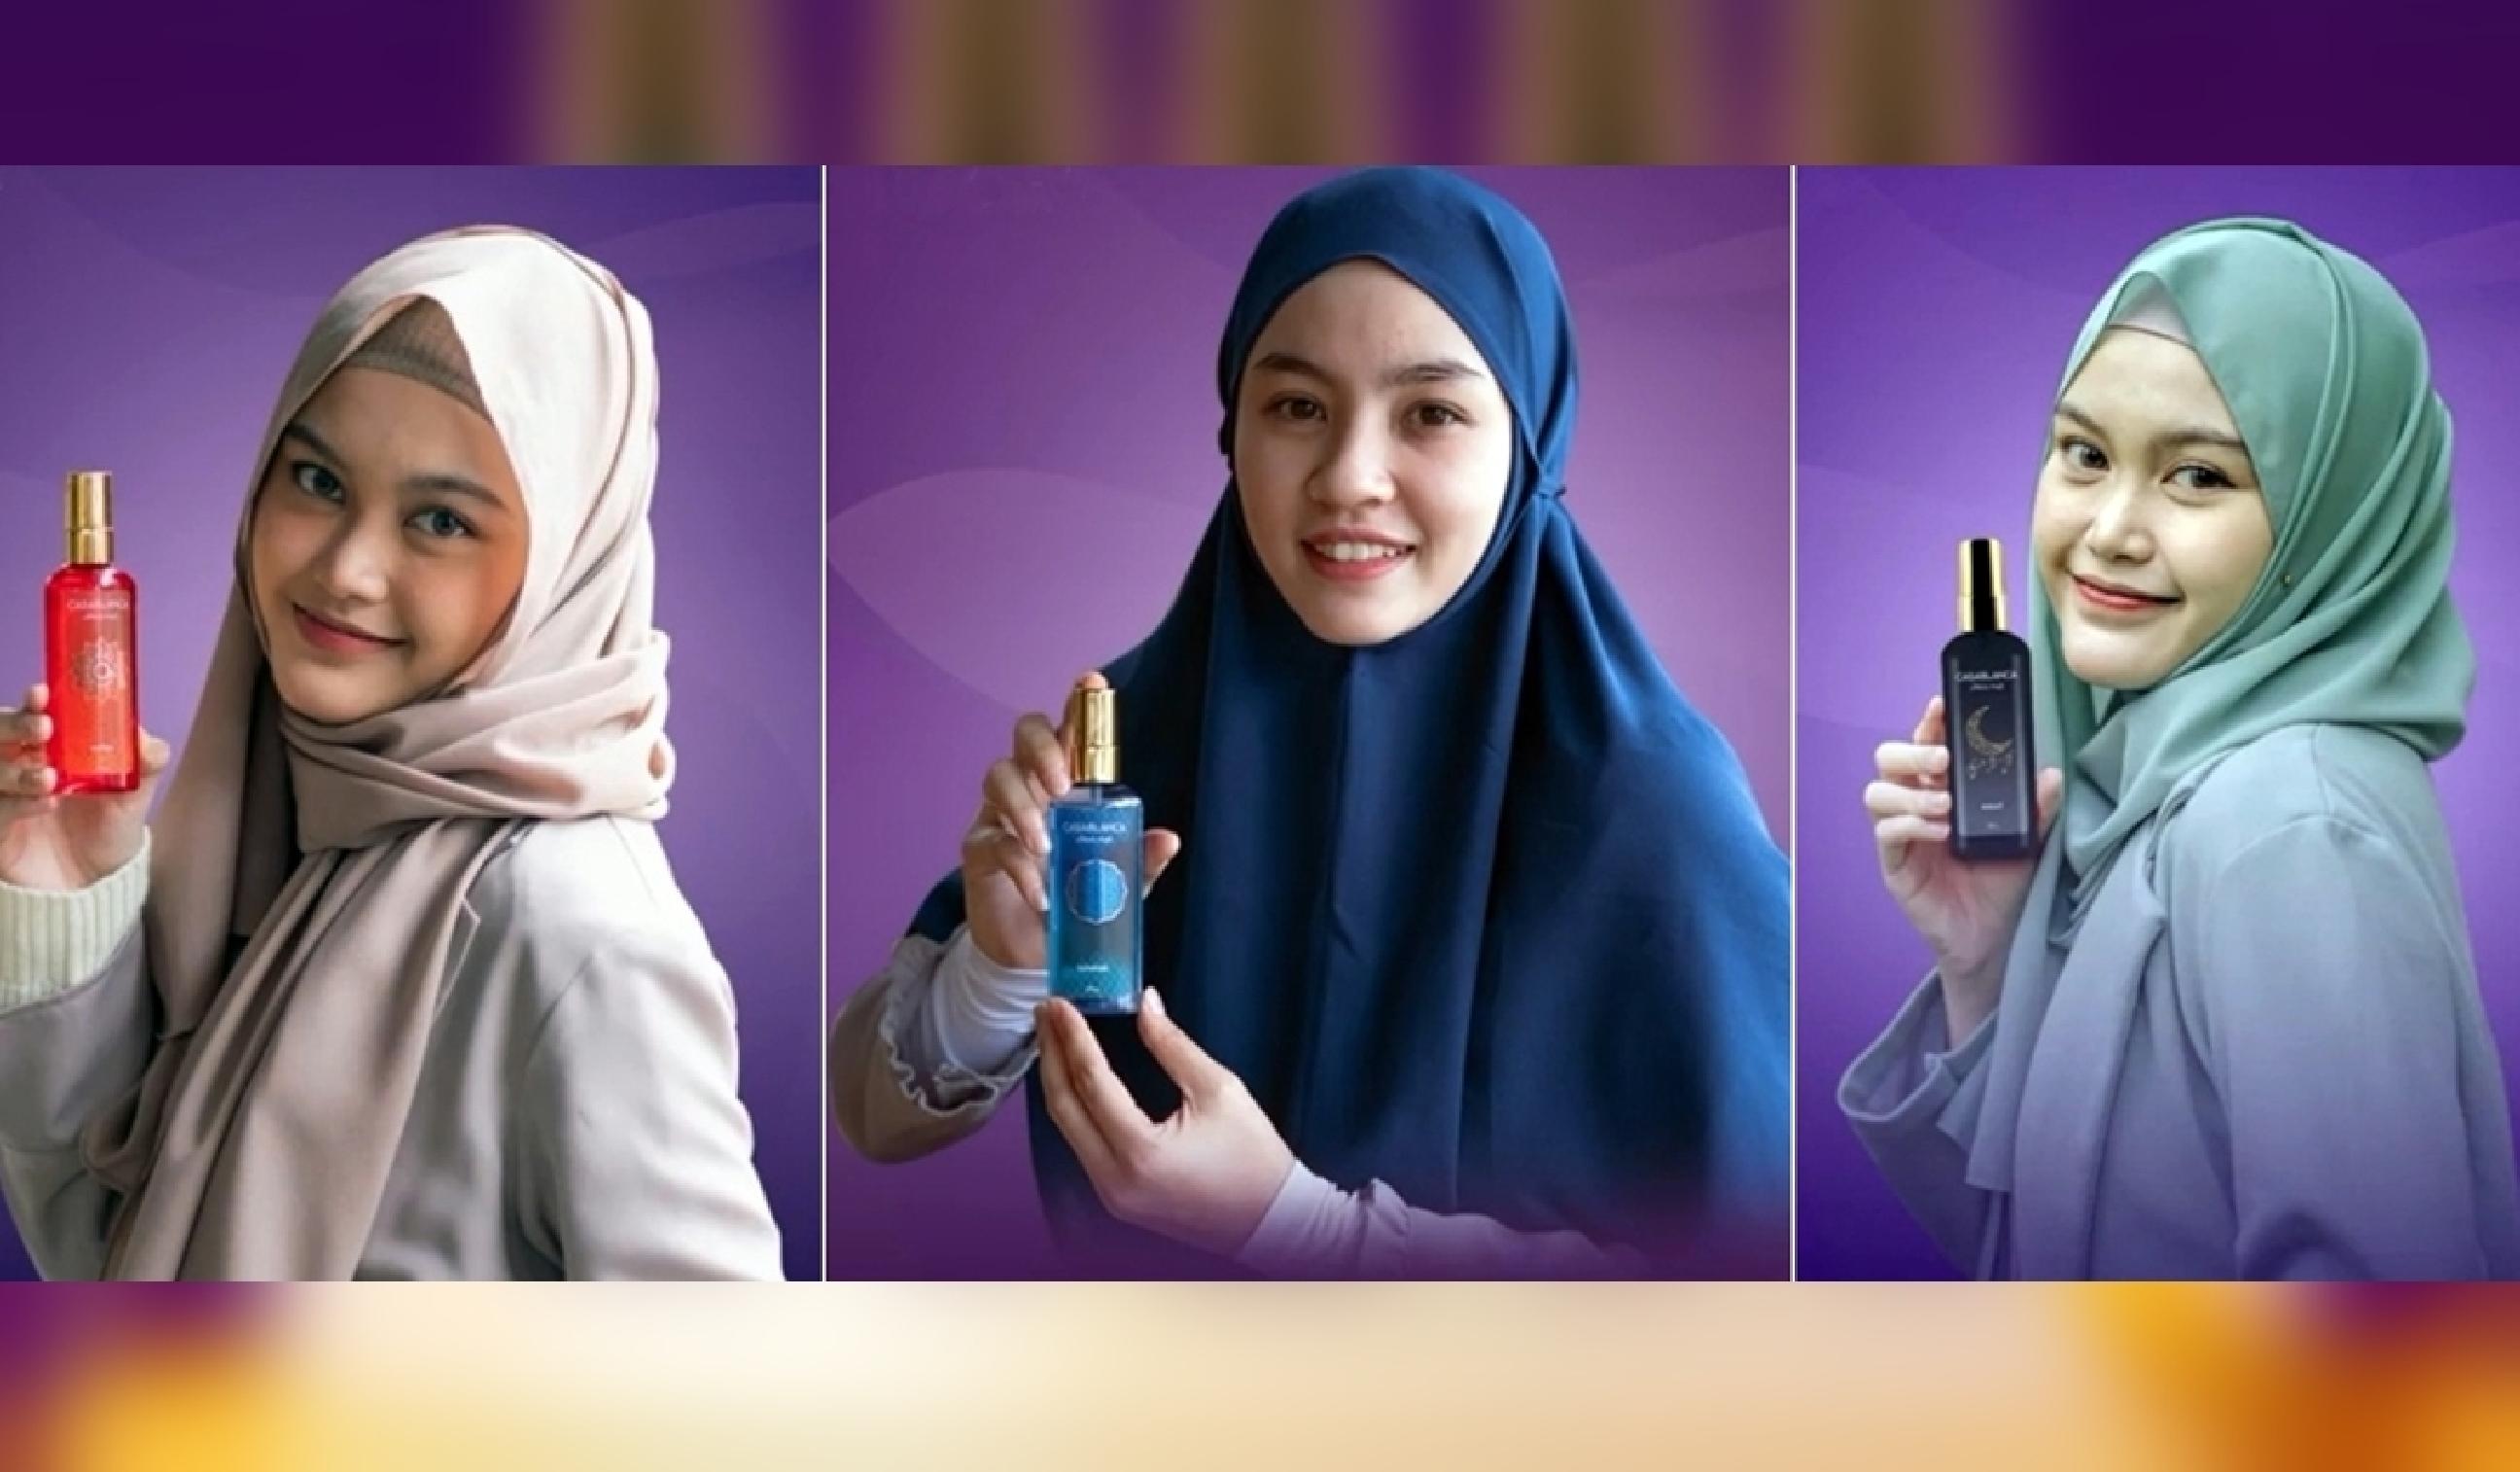 5 Parfum dengan aroma menyegarkan, kandungan bahannya halal lho